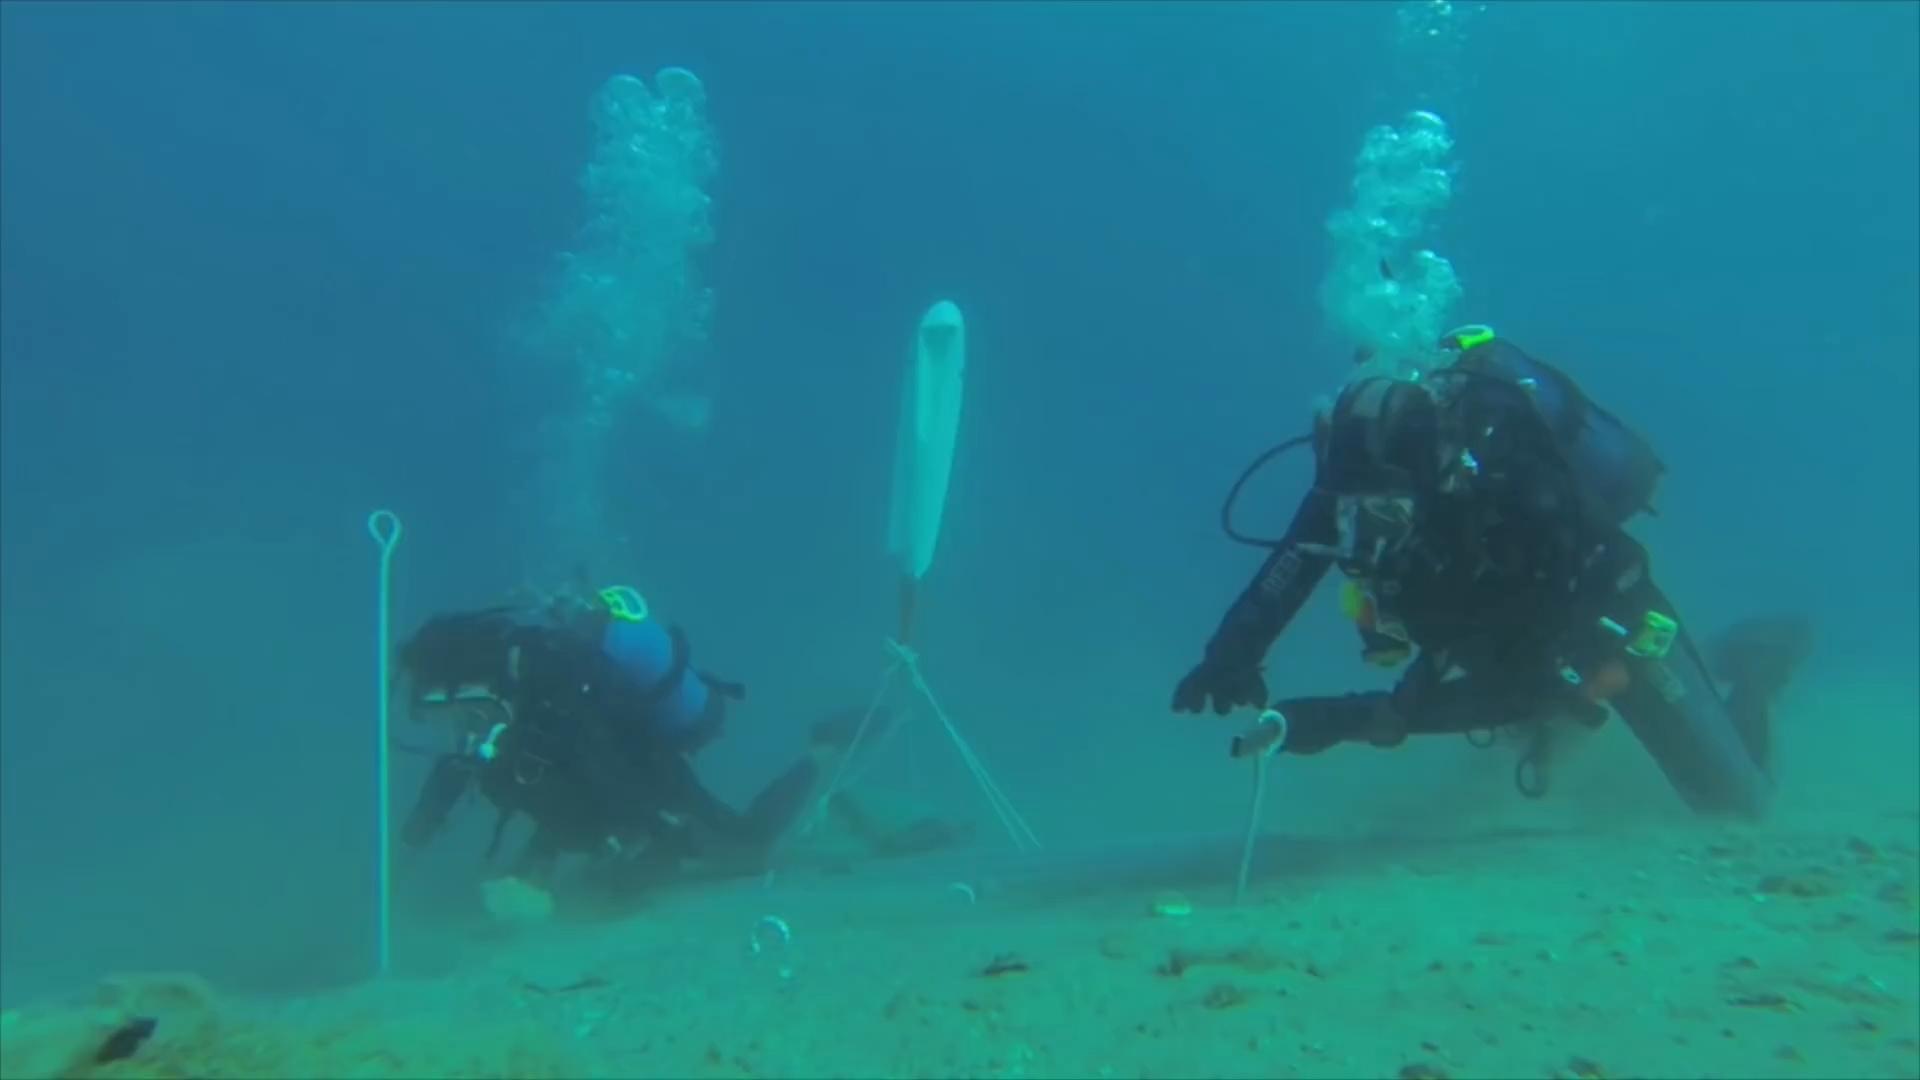 Sergio Gemberini, генеральный директор итальянской компании Ocean Reef, создал Nemo Garden. Владелец двух компаний, занимающийся подводным плаванием в Италии и Калифорнии, во время отпуска в Ноли, придумал интересную идею выращивания растений в море. У Серхио Гамберини возникла идея сада под водой, он мечтал превратить подводное плавание в более интерактивную деятельность. Его первоначальный план состоял в том, чтобы закрепить шар гибкого материала, содержащий вазу с заводом до морского дна. К его удивлению, завод не умер и вырос. Следующим шагом было применить тот же метод, используя семена, которые прорастали в течение 36 часов. На участке площадью 15 м2 в настоящее время имеется семь биосфер, каждая из которых имеет размер комнаты. В каждой сфере насчитывается около 60 растений, питаемых гидропонными инструментами и орошаемых гравитационными системами. Это базилик, чеснок, редис, капуста и клубника, просто чтобы привести некоторые примеры. Специалисты по дайвингу склонны утверждать, что эти растения не будут иметь тех же характеристик, что и на земле. Sergio Gemberini утверждает, что «море самодостаточное, свободный инкубатор». В заливе Ноли Noli температура воды довольно стабильна и, следовательно, предлагает растениям постоянный тепловое питание. Со своей стороны, вода моря действует как фильтр, увлажняя растительный покров. В результате растения, выращиваемые под водой, являются более здоровыми и более качественными. Аромат и вкус более интенсивны, чем у растений, выращенных на Земле. Биосферы - идеальные теплицы, так как никакие паразиты не могут их достичь. Поэтому отпадает необходимость в пестицидах или других химических веществах. Естественное испарение обеспечивает испарение пресной воды внутри сфер, позволяет систематически орошать растения. Кроме того, эксперименты показали, что эти растения растут быстрее, чем их терригенные коллеги. Серхио Гамберини работает с экспертами в области сельского хозяйства, чтобы улучшить структуру и долговечность построенн